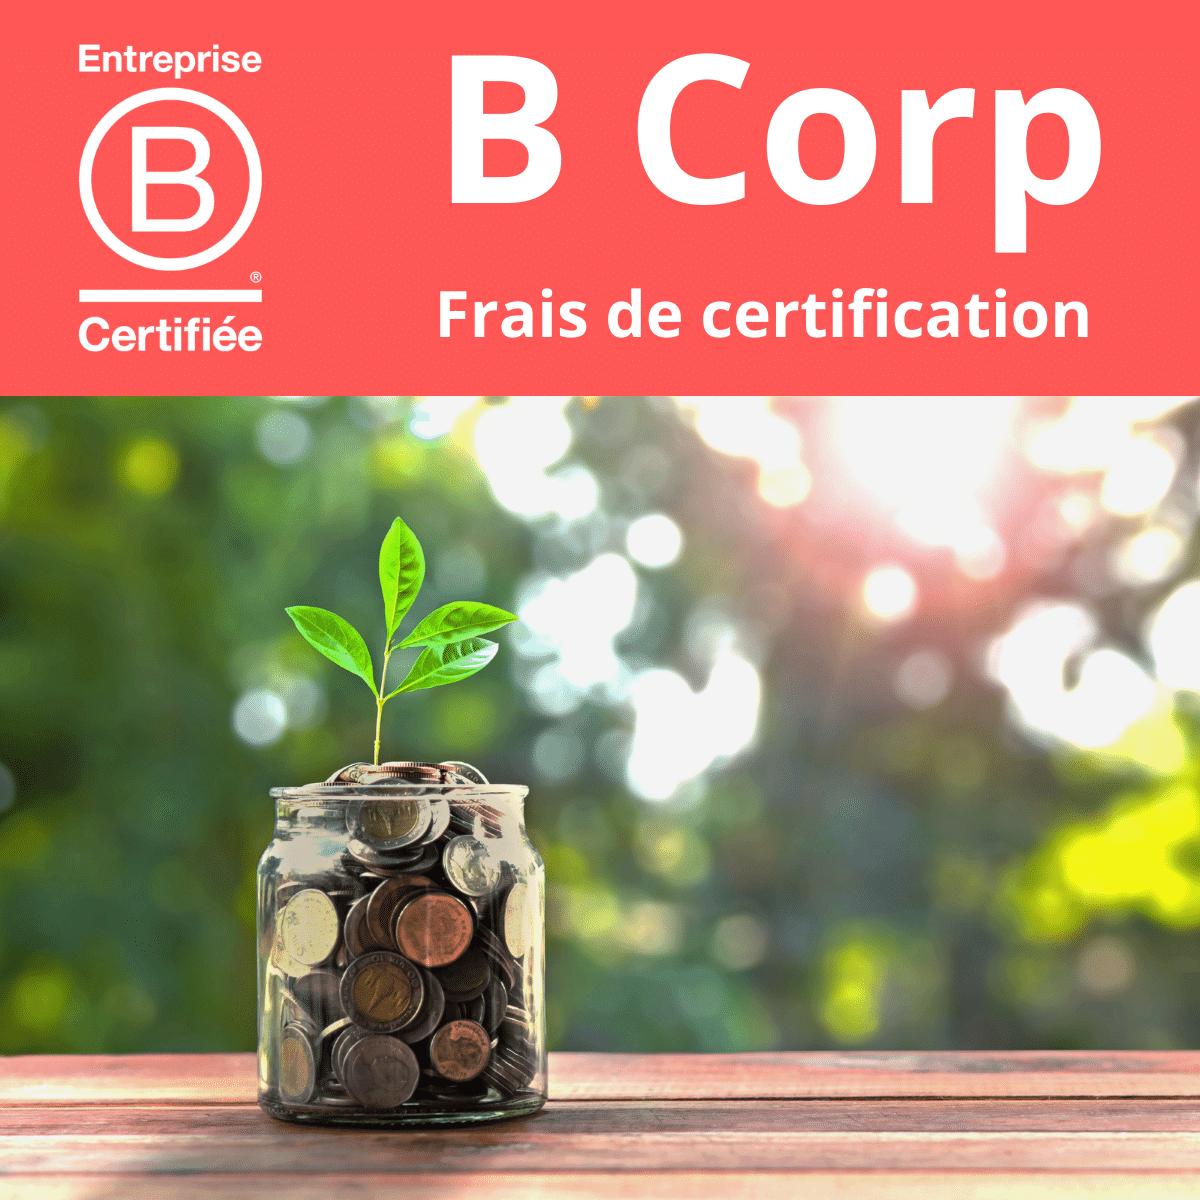 tarif coût prix frais de certification B Corp